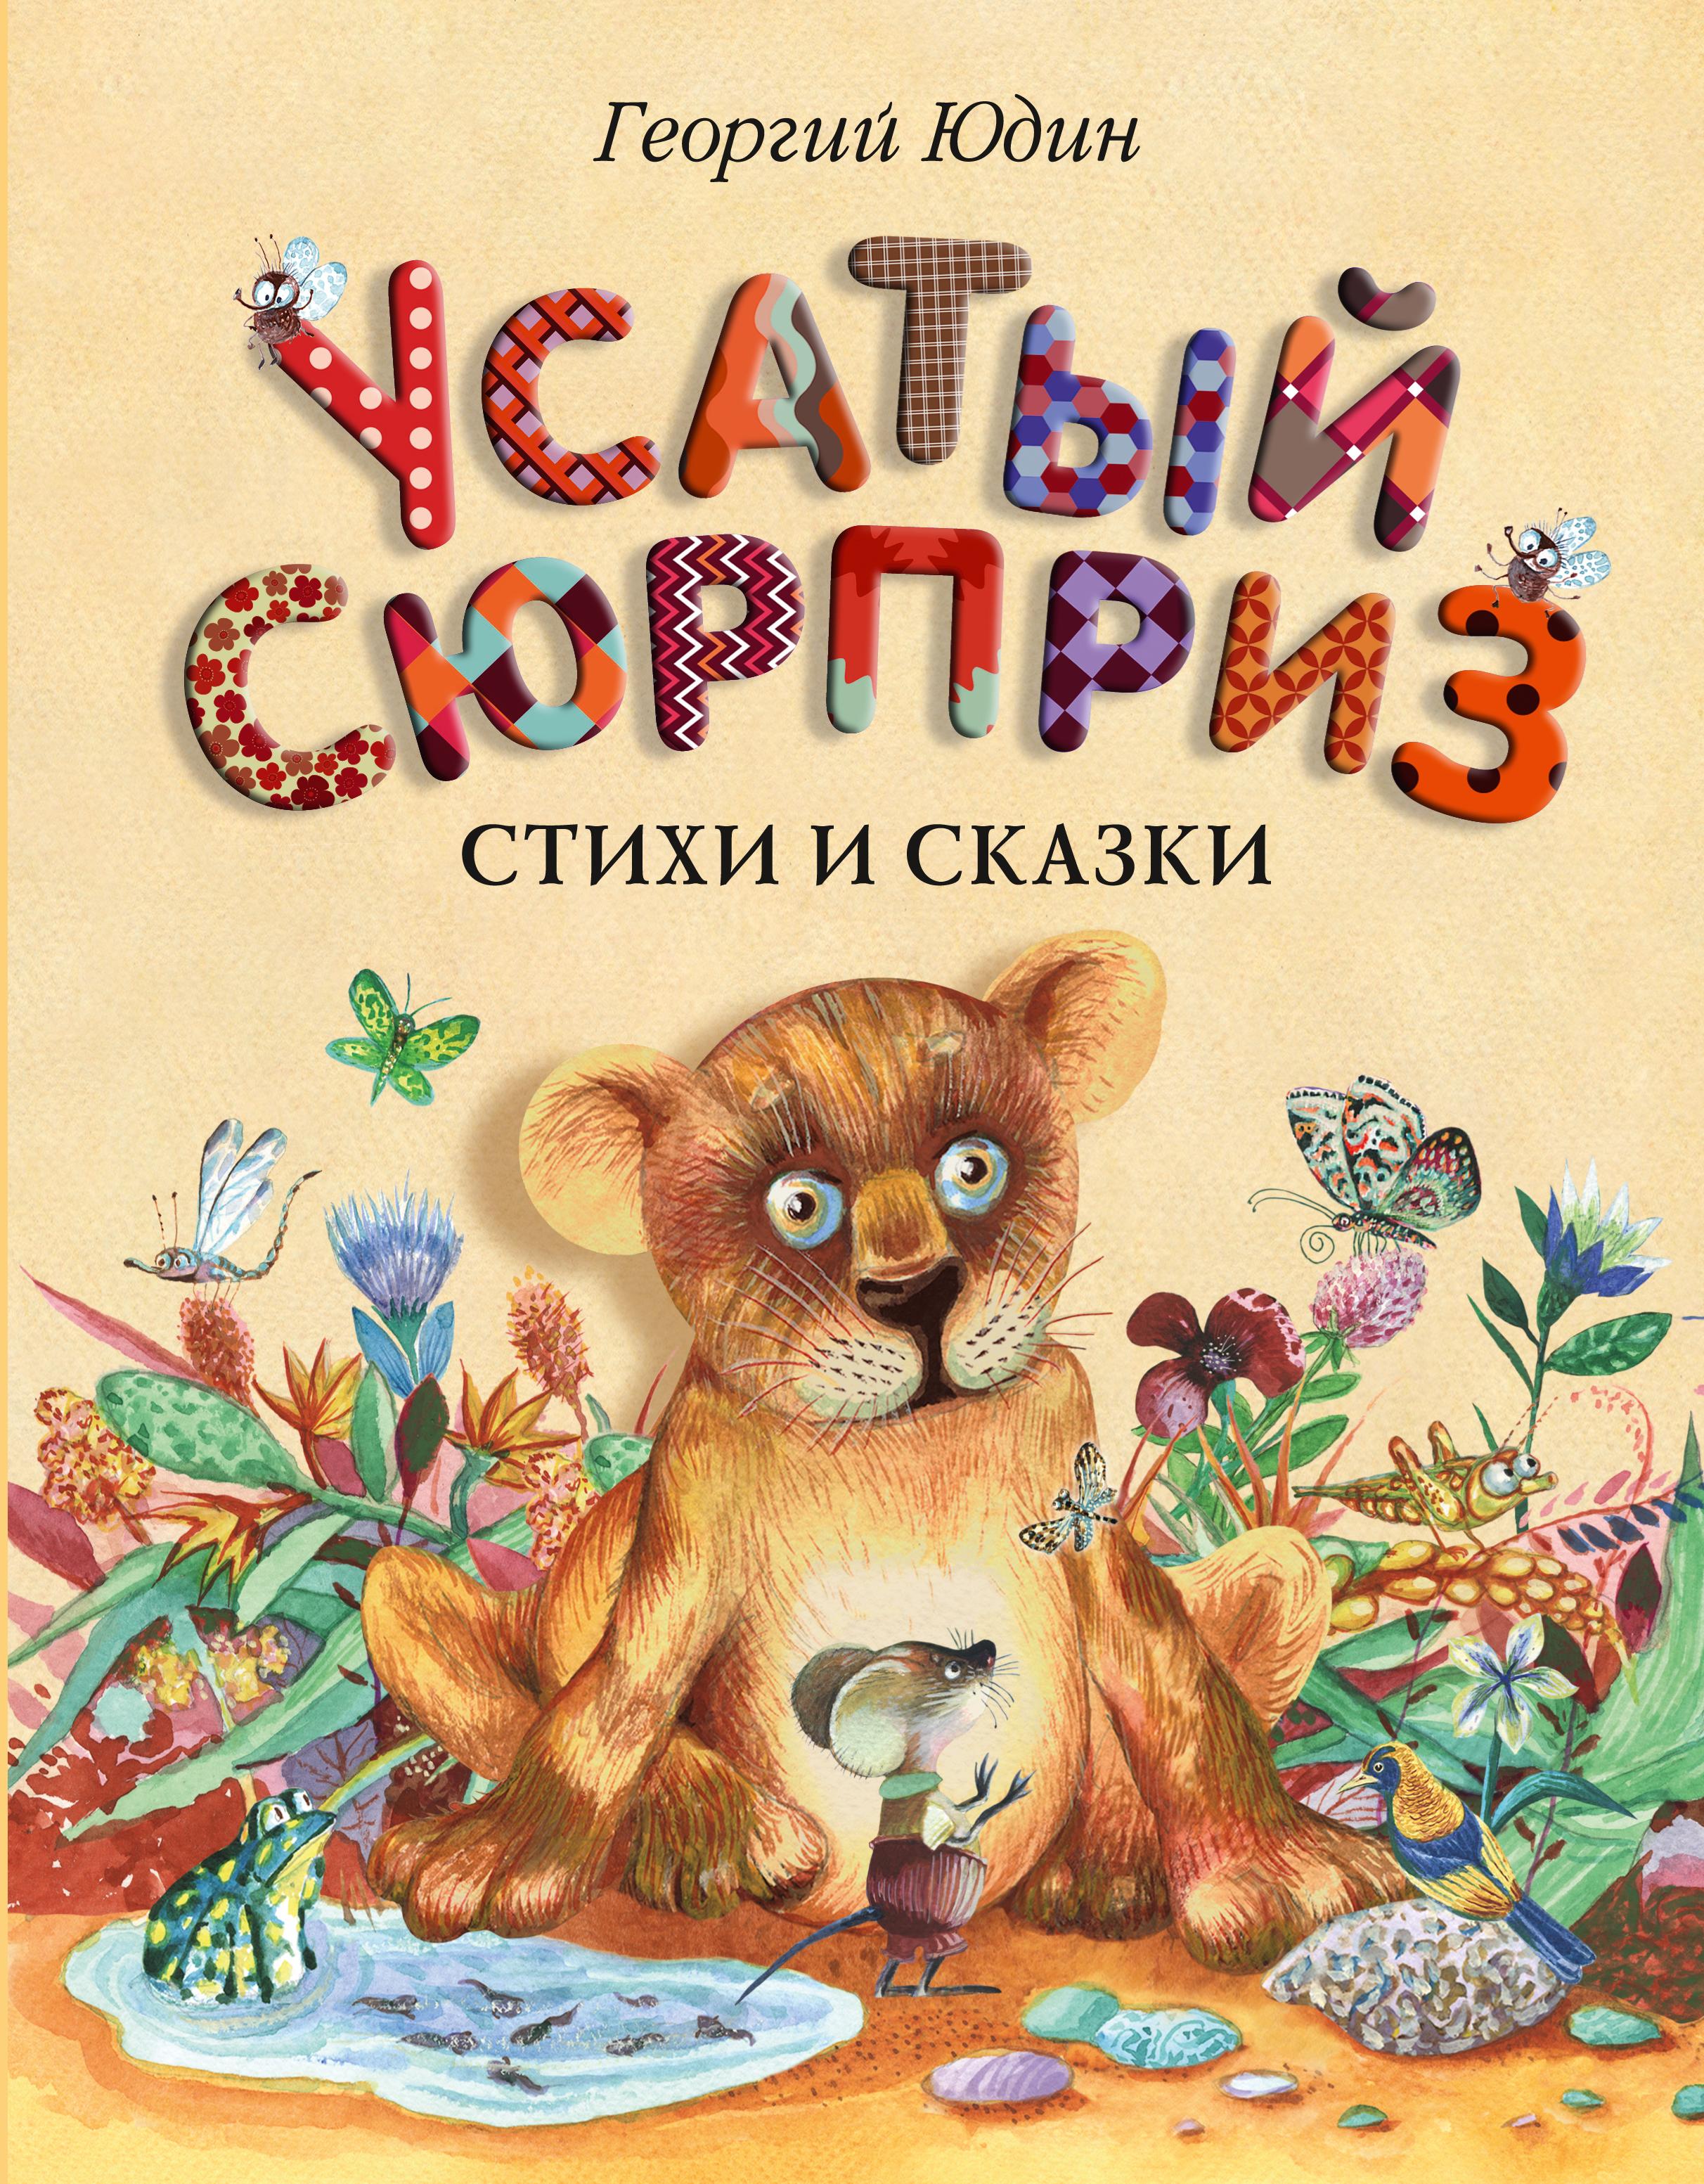 Георгий Юдин Усатый сюрприз: стихи и сказки стоимость